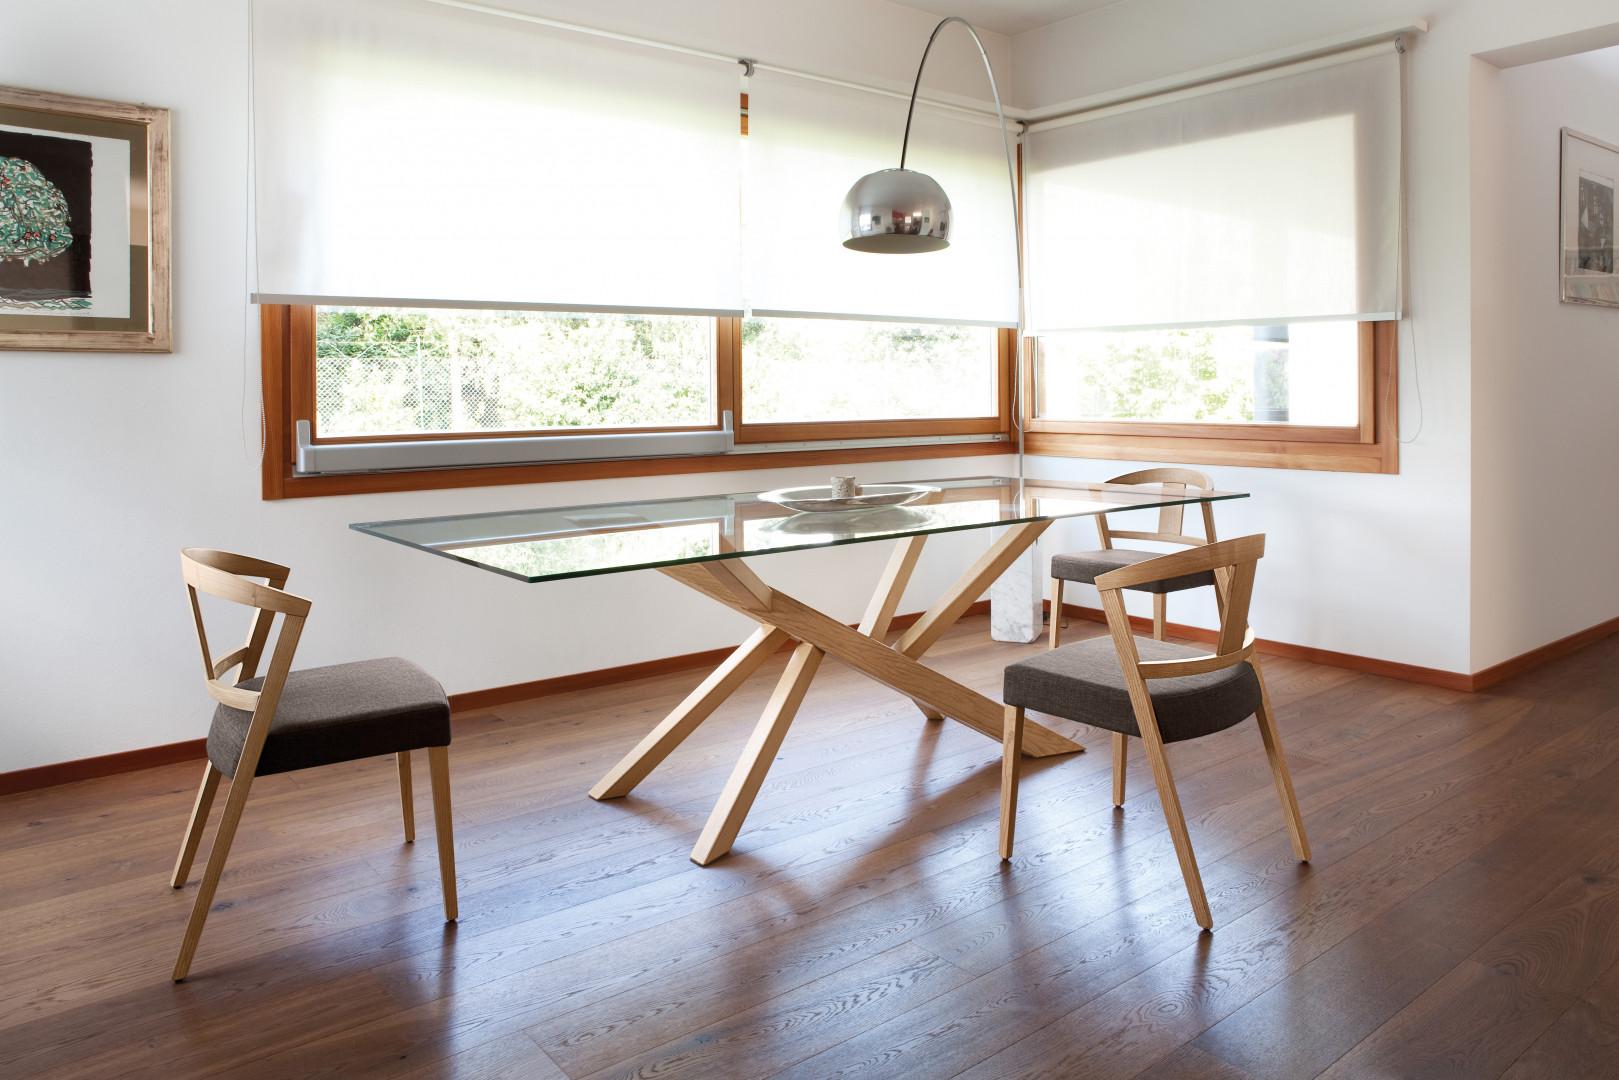 Stół ze szklanym blatem na oryginalnej podstawie. Fot. Gea